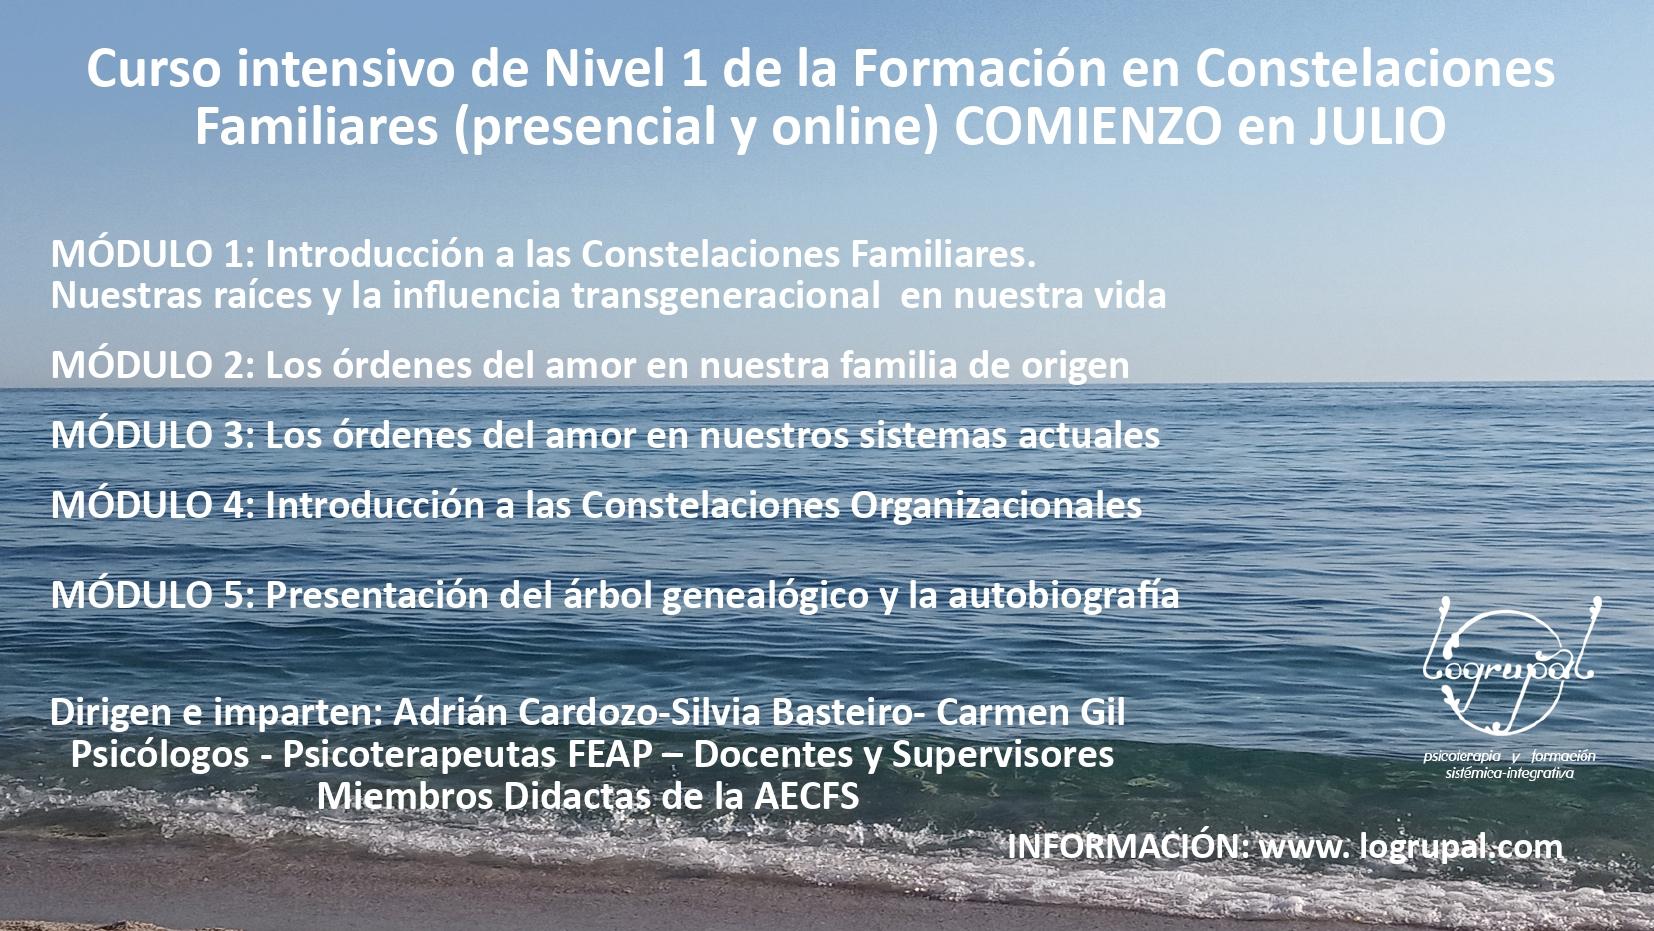 Curso intensivo del Nivel 1 de la Formación en Constelaciones Familiares (presencial y online)Inicio en julio